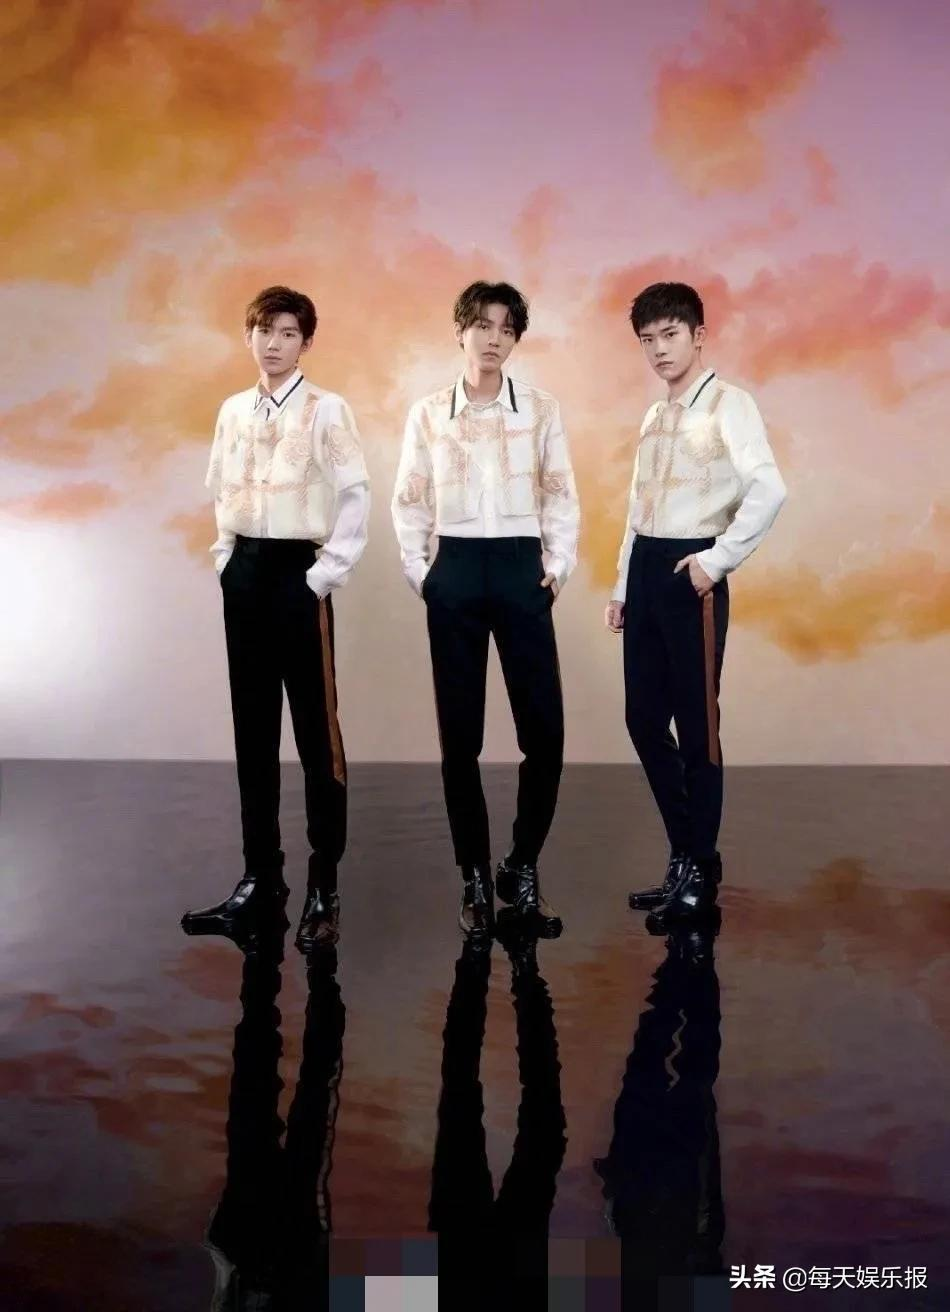 tfboys将合体录制北京卫视春晚舞台,演唱歌曲让人很是期待